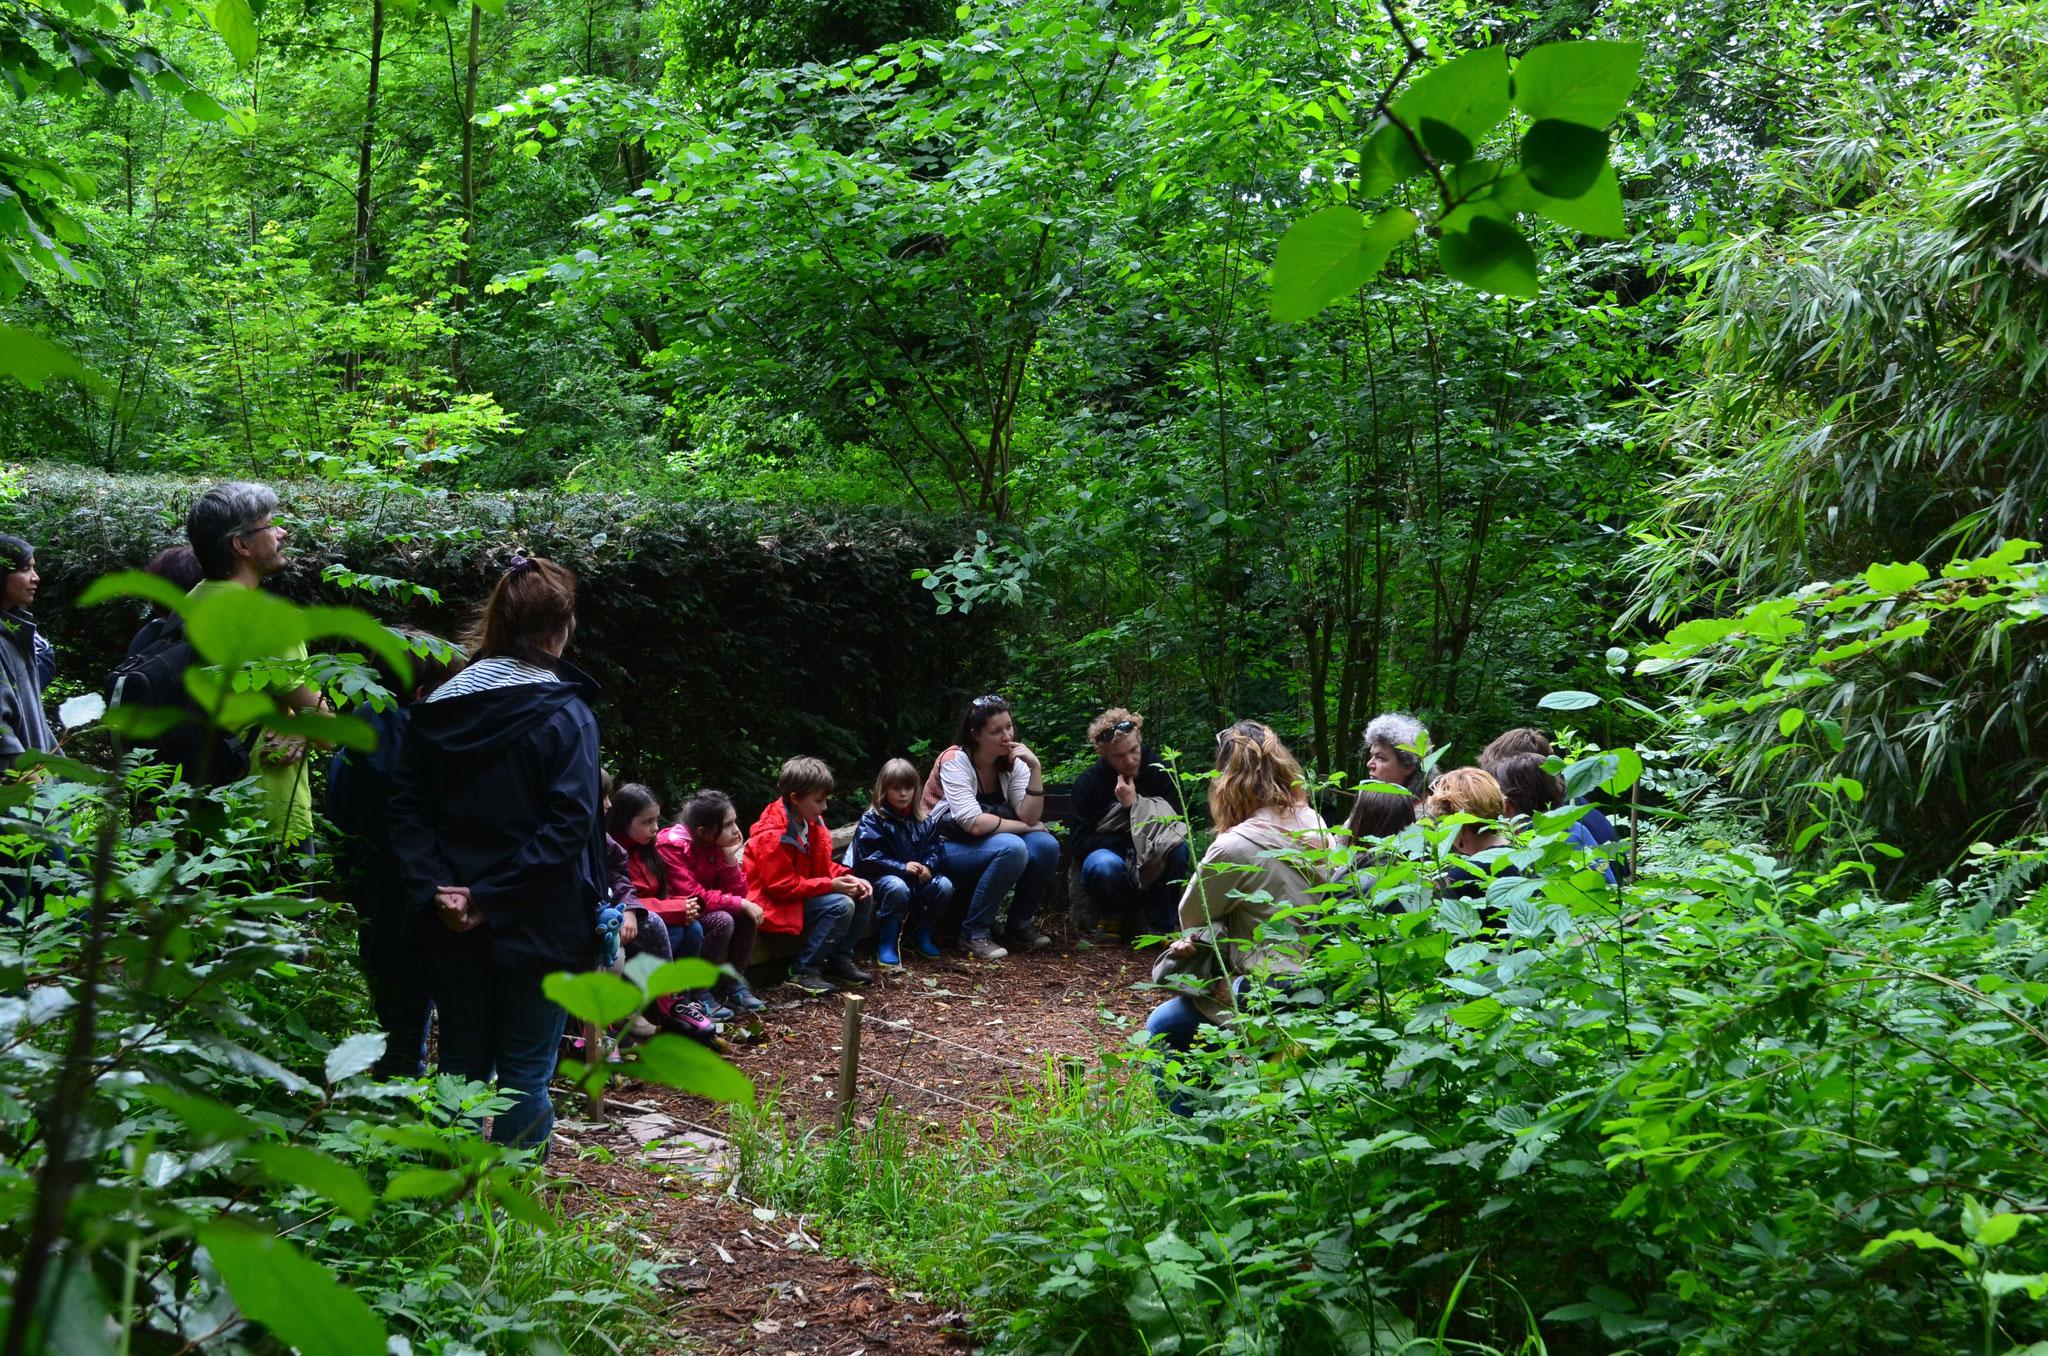 Jardin écologique - Forêt urbaine